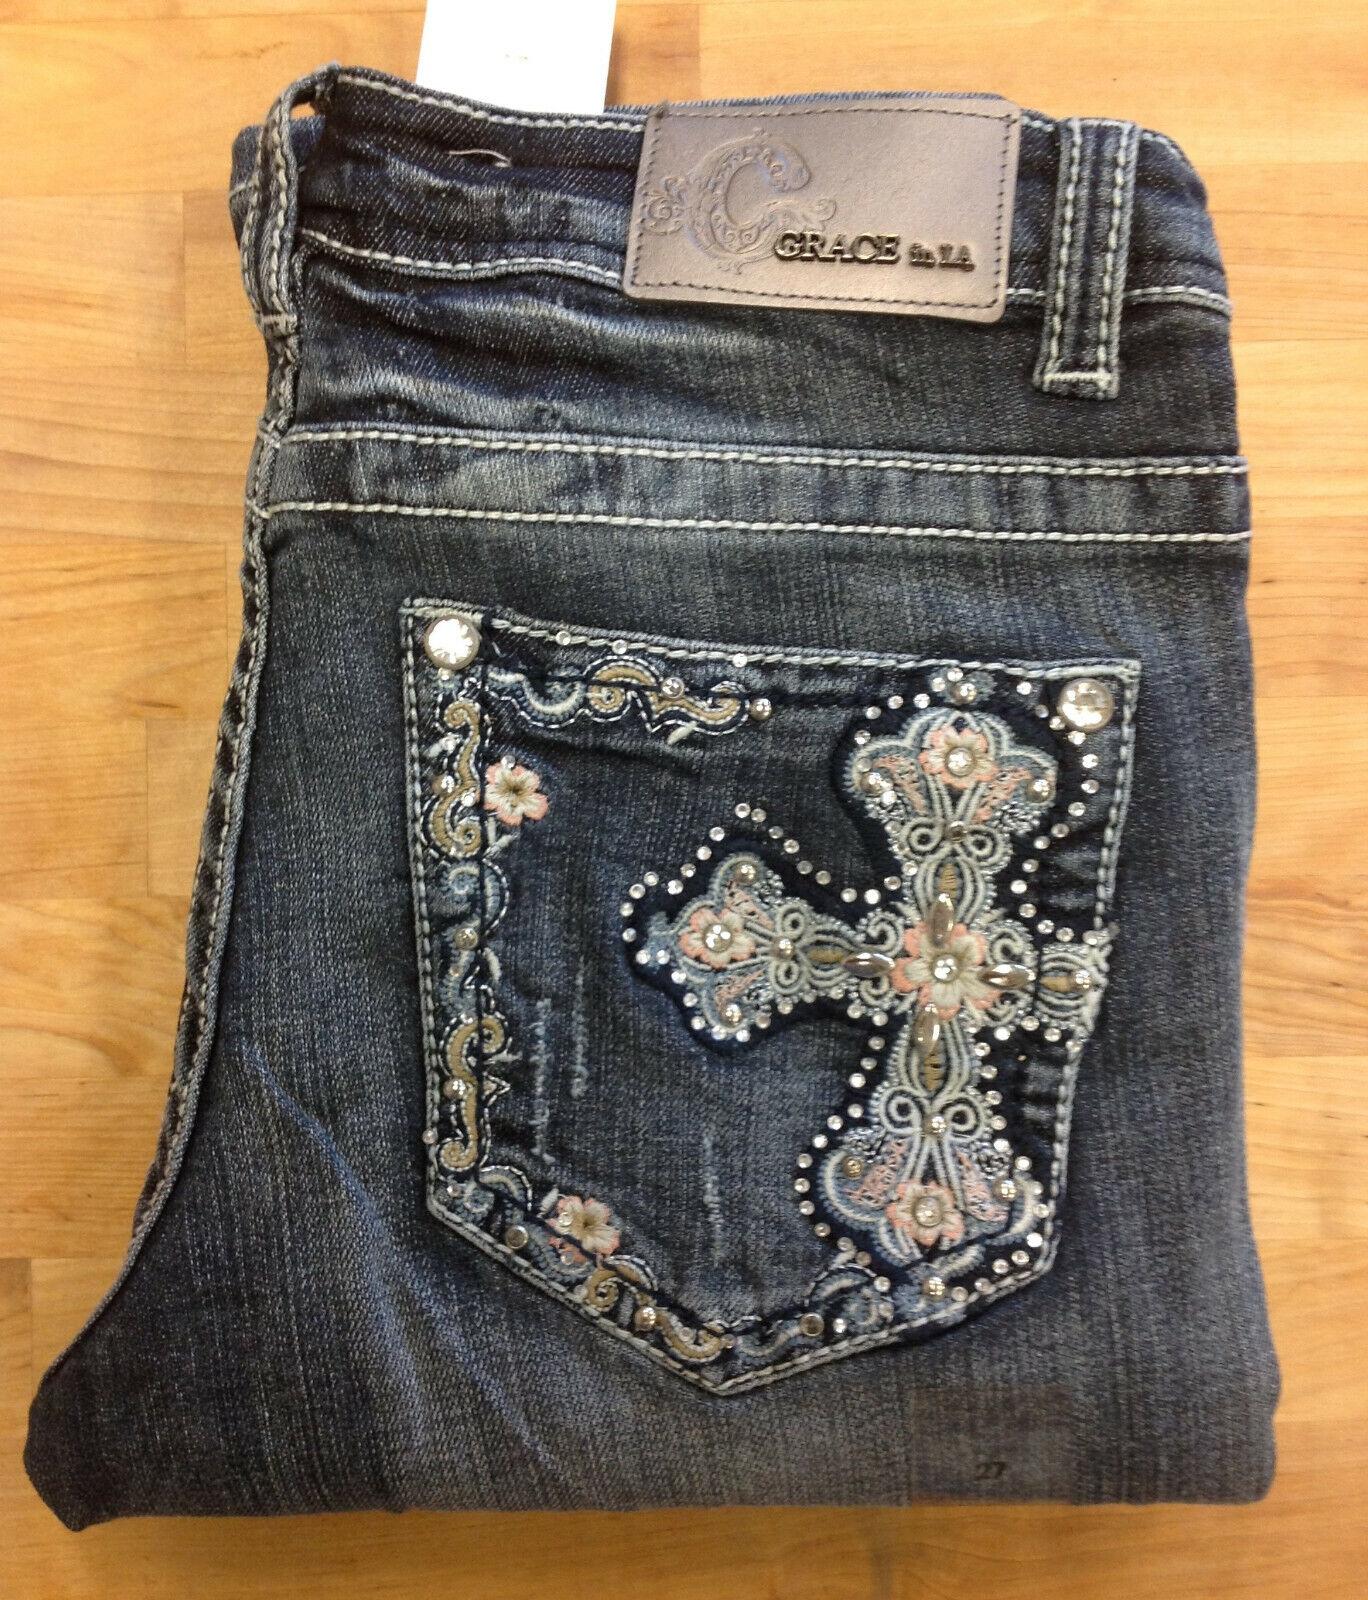 Grace in LA Women's Easy Fit Bootcut Jeans, ET-5718, Light bluee, Size 27